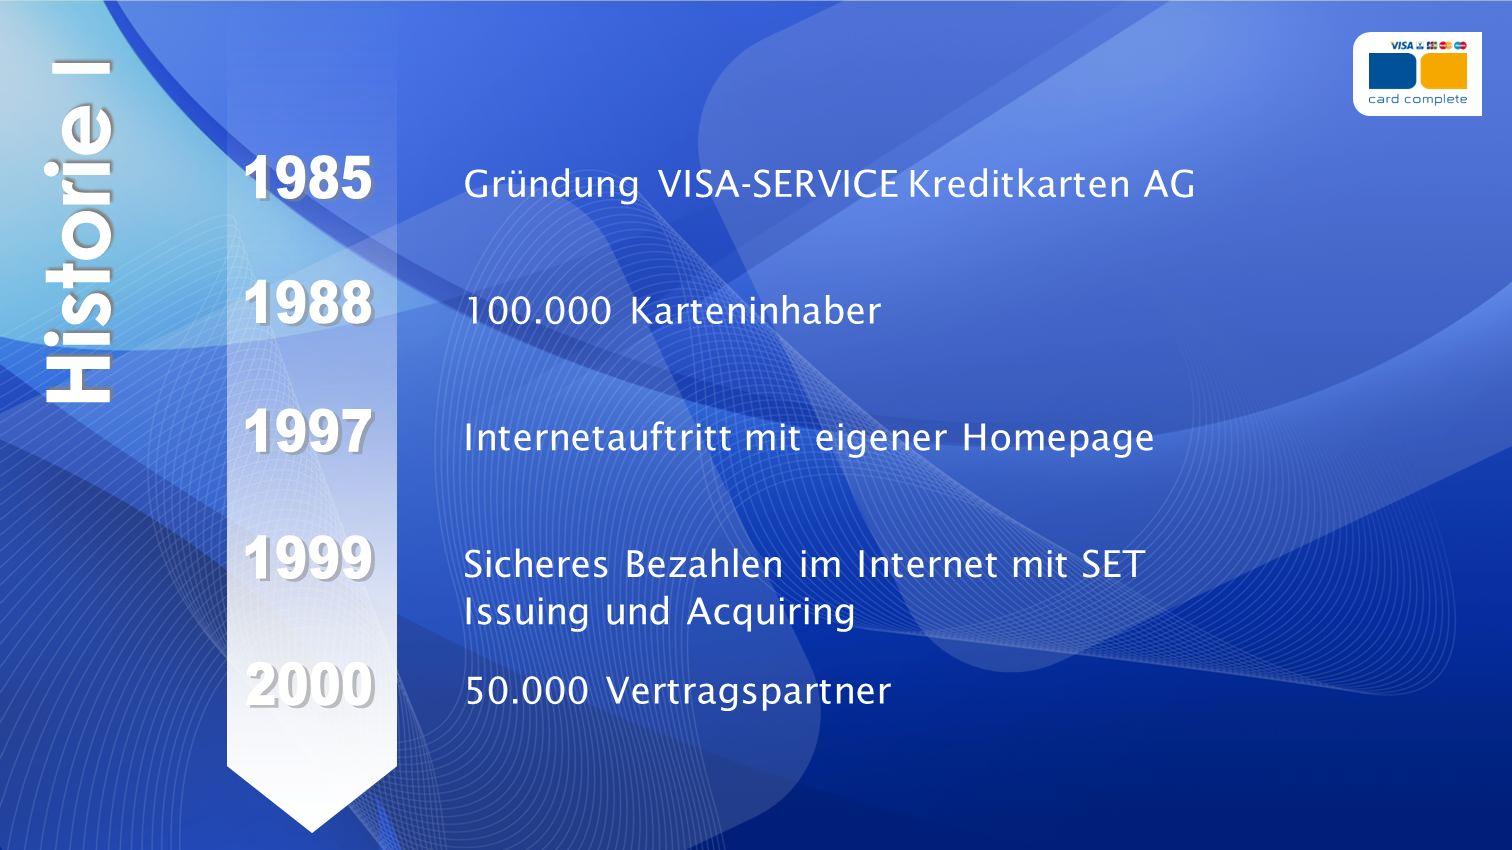 1985 Gründung VISA-SERVICE Kreditkarten AG. Historie I. 1988. 100.000 Karteninhaber. 1997. Internetauftritt mit eigener Homepage.